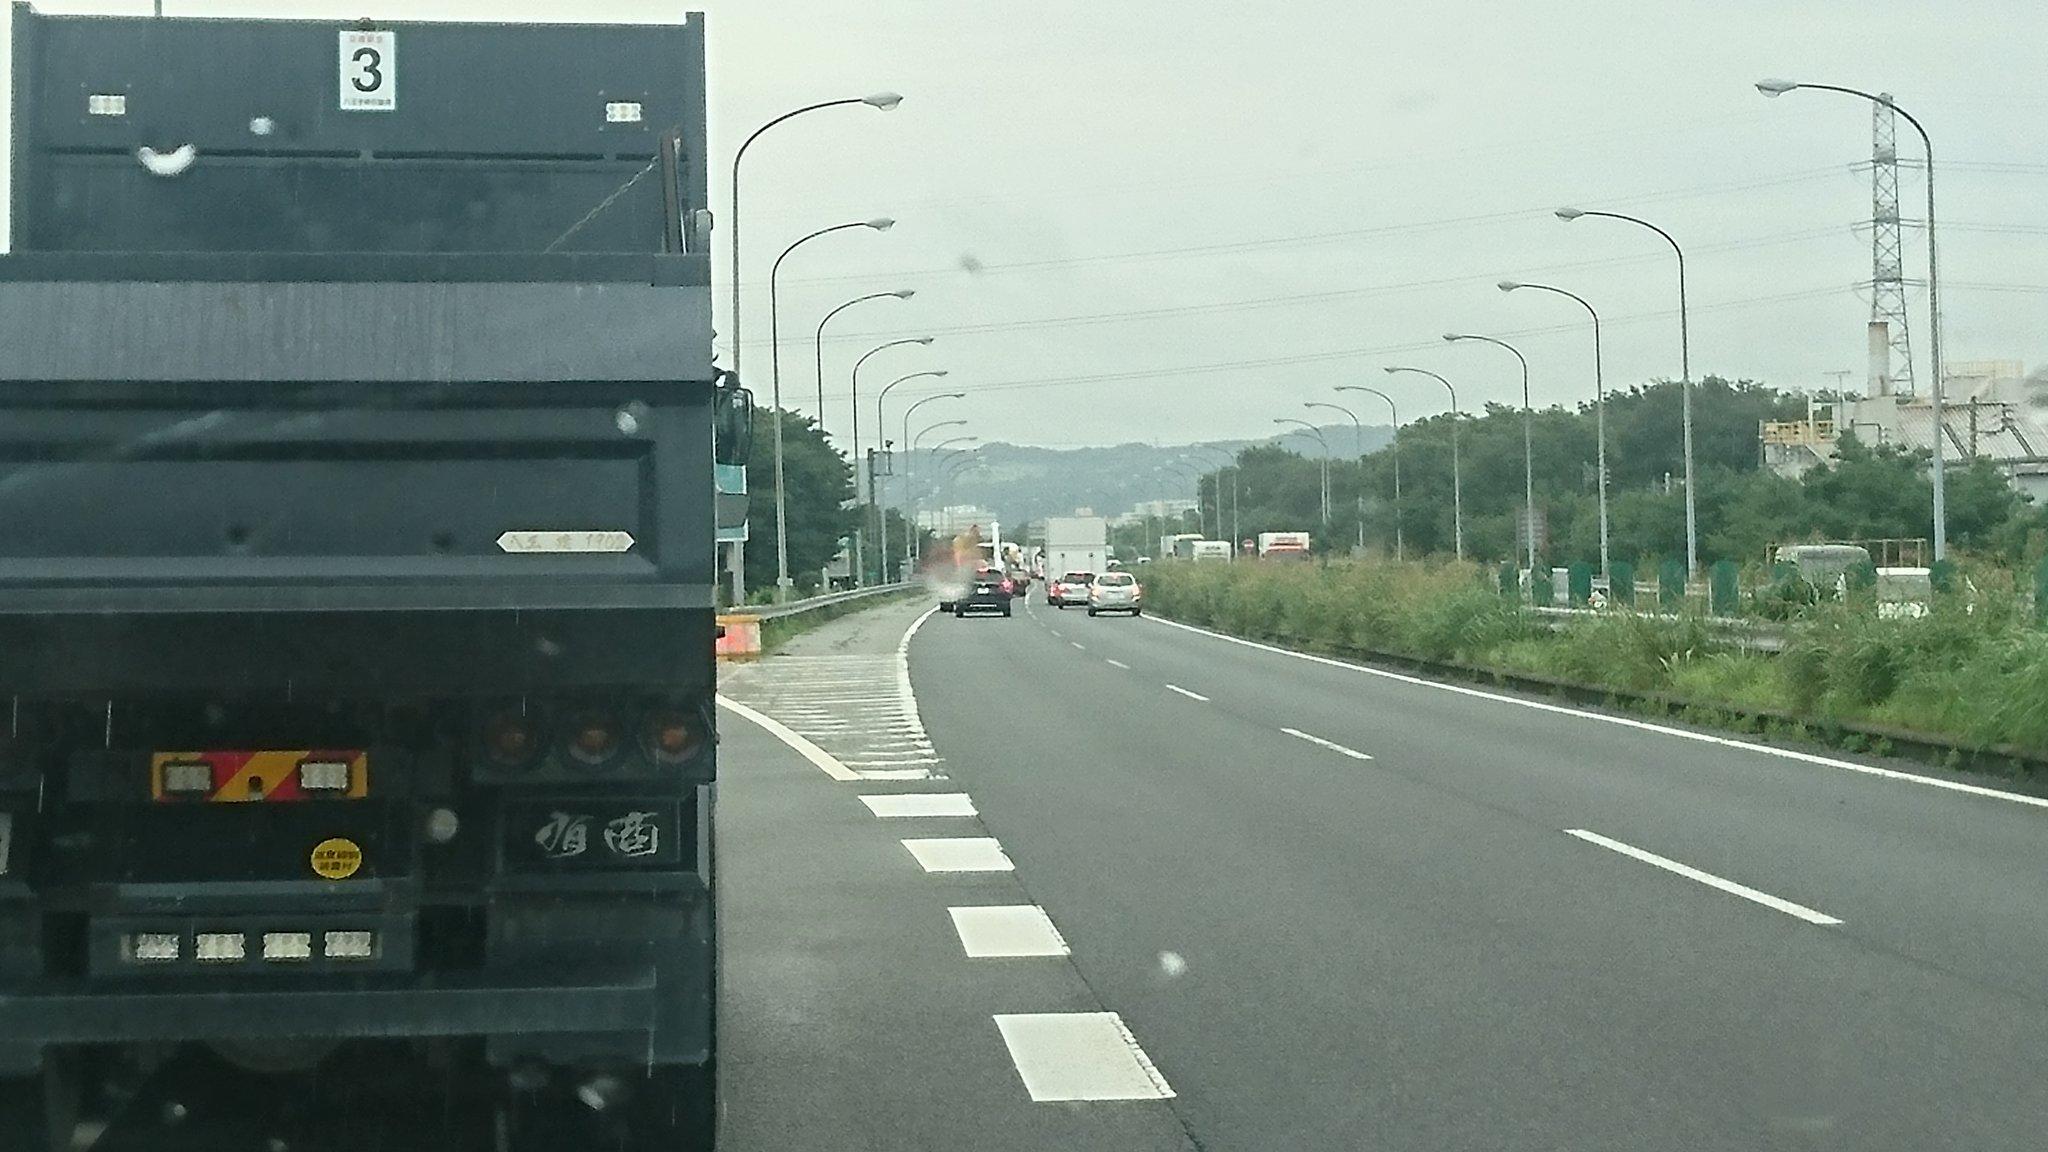 画像,国立~高井戸で事故3件で渋滞とか国立降り口も込んでてコマルぬ https://t.co/t6a1PC3Jlt。